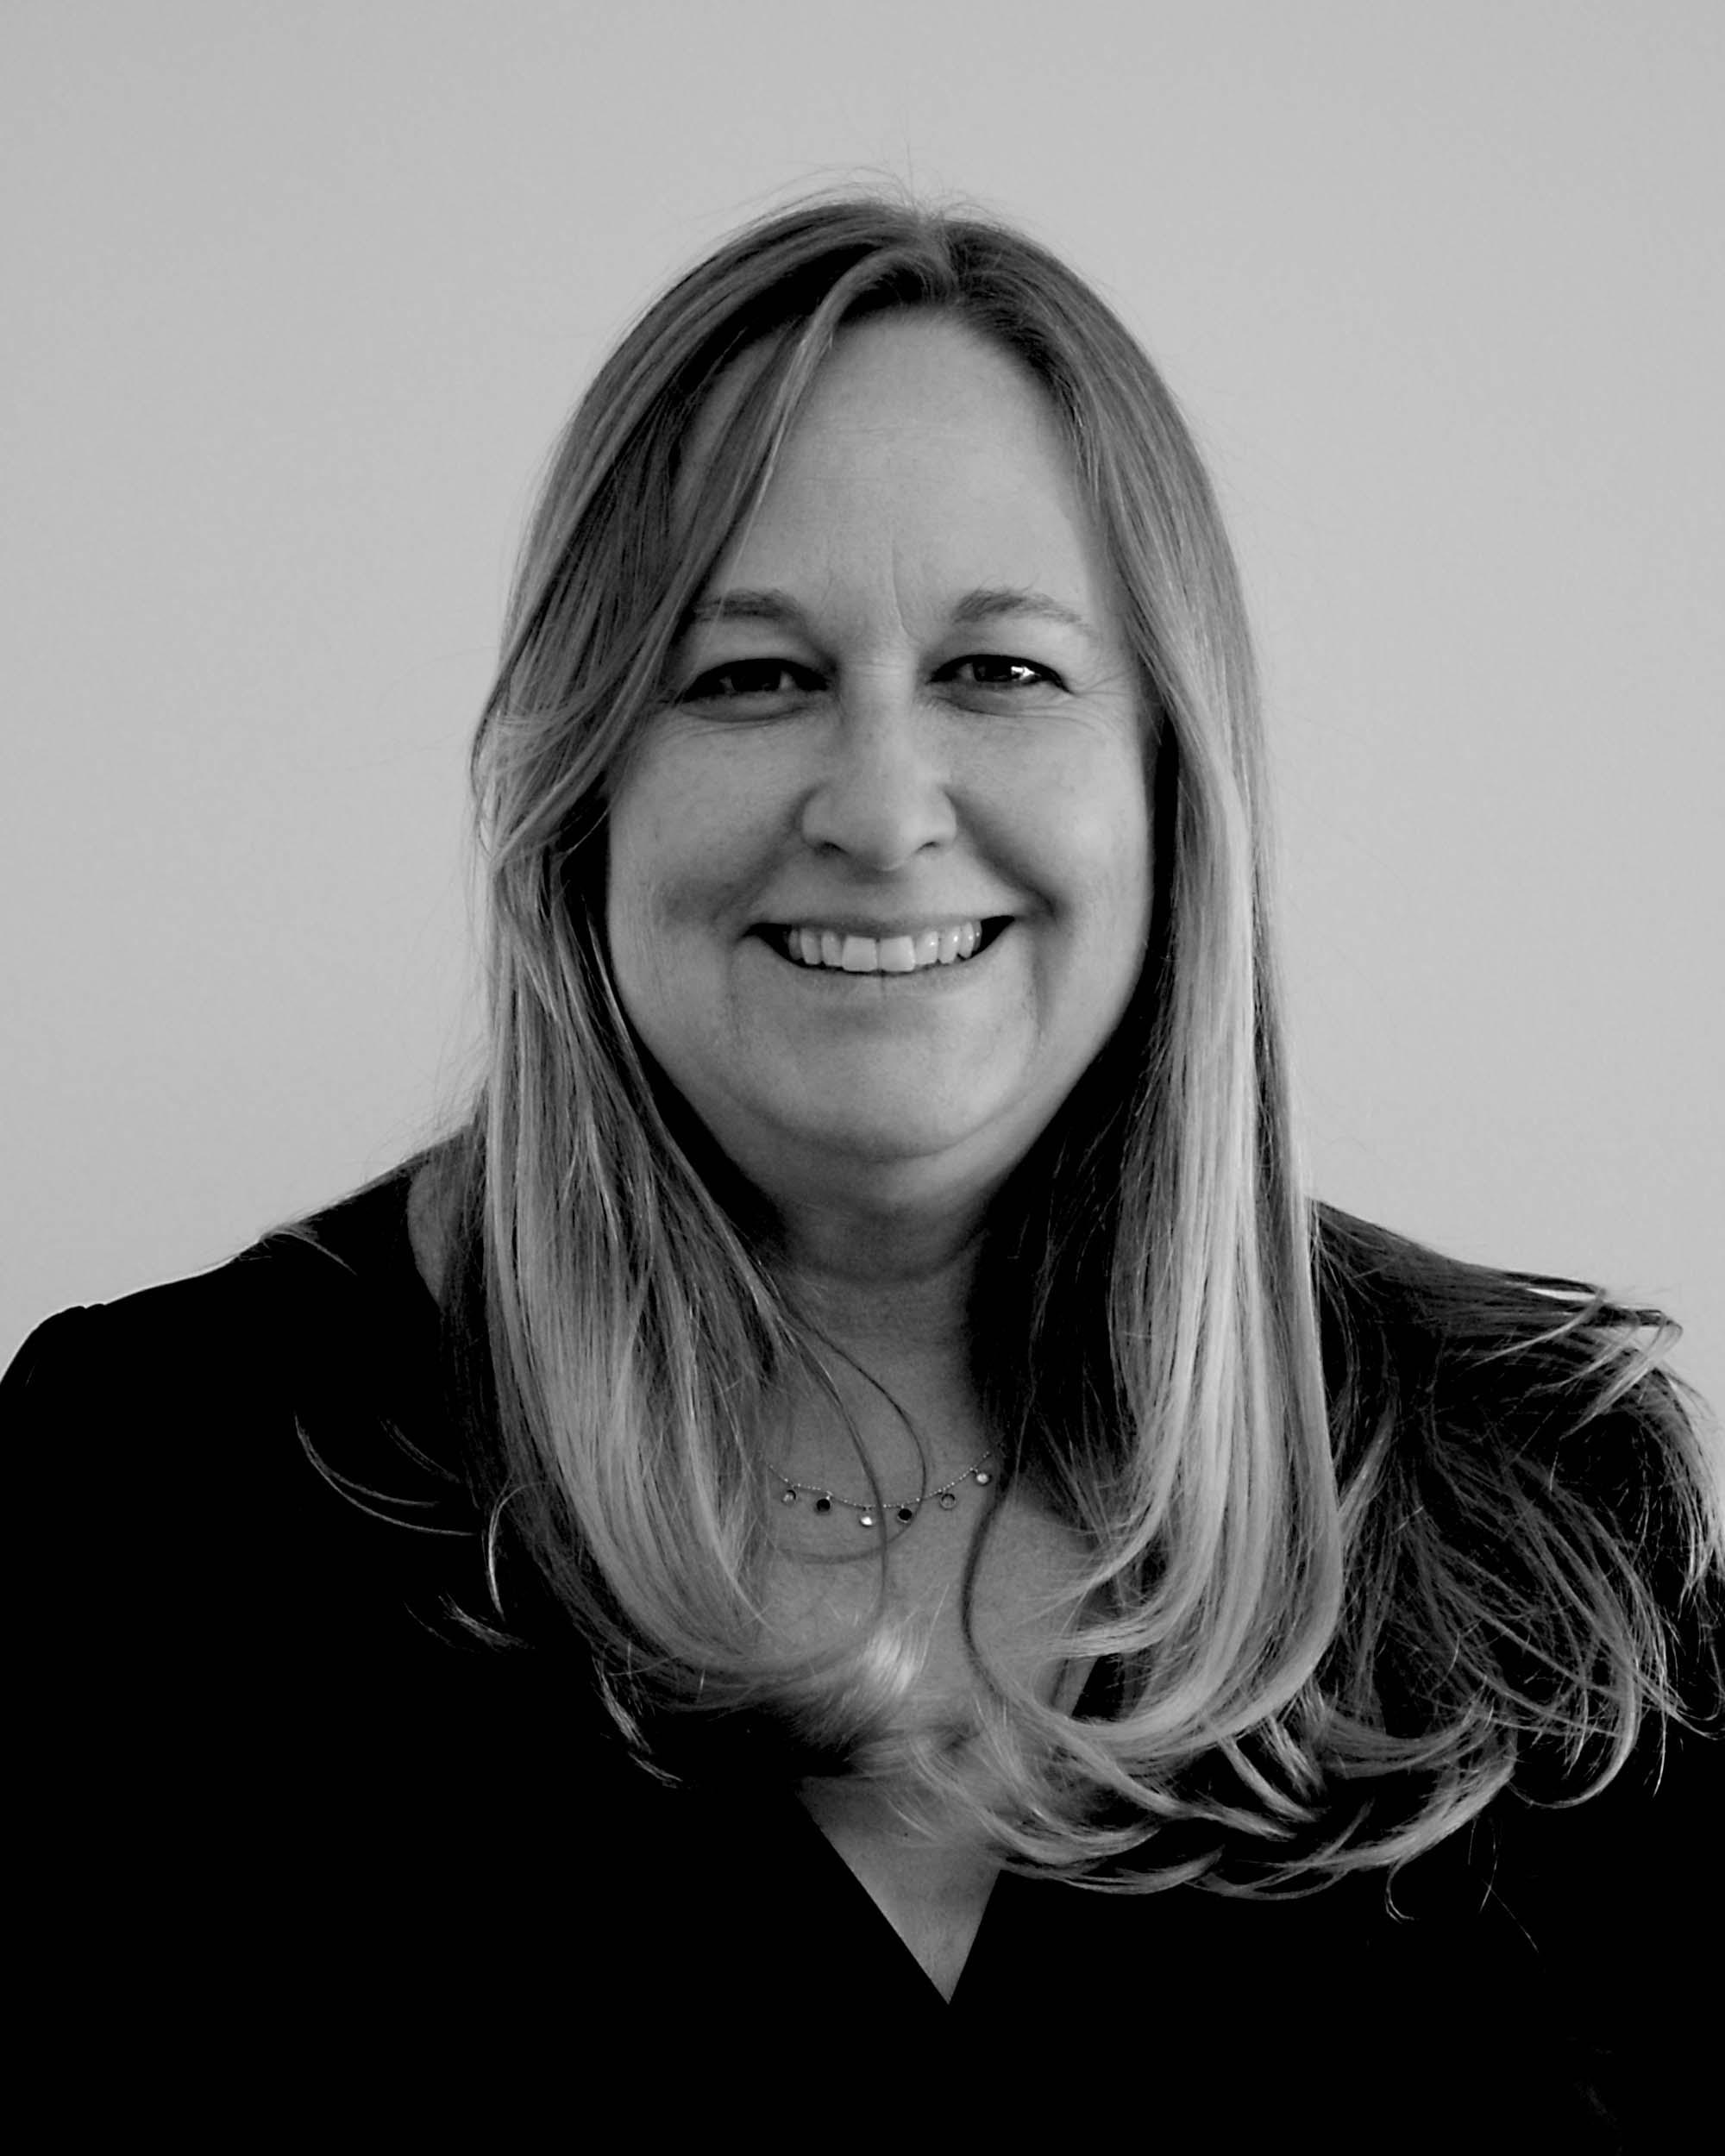 Headshot of Stacy Unholz